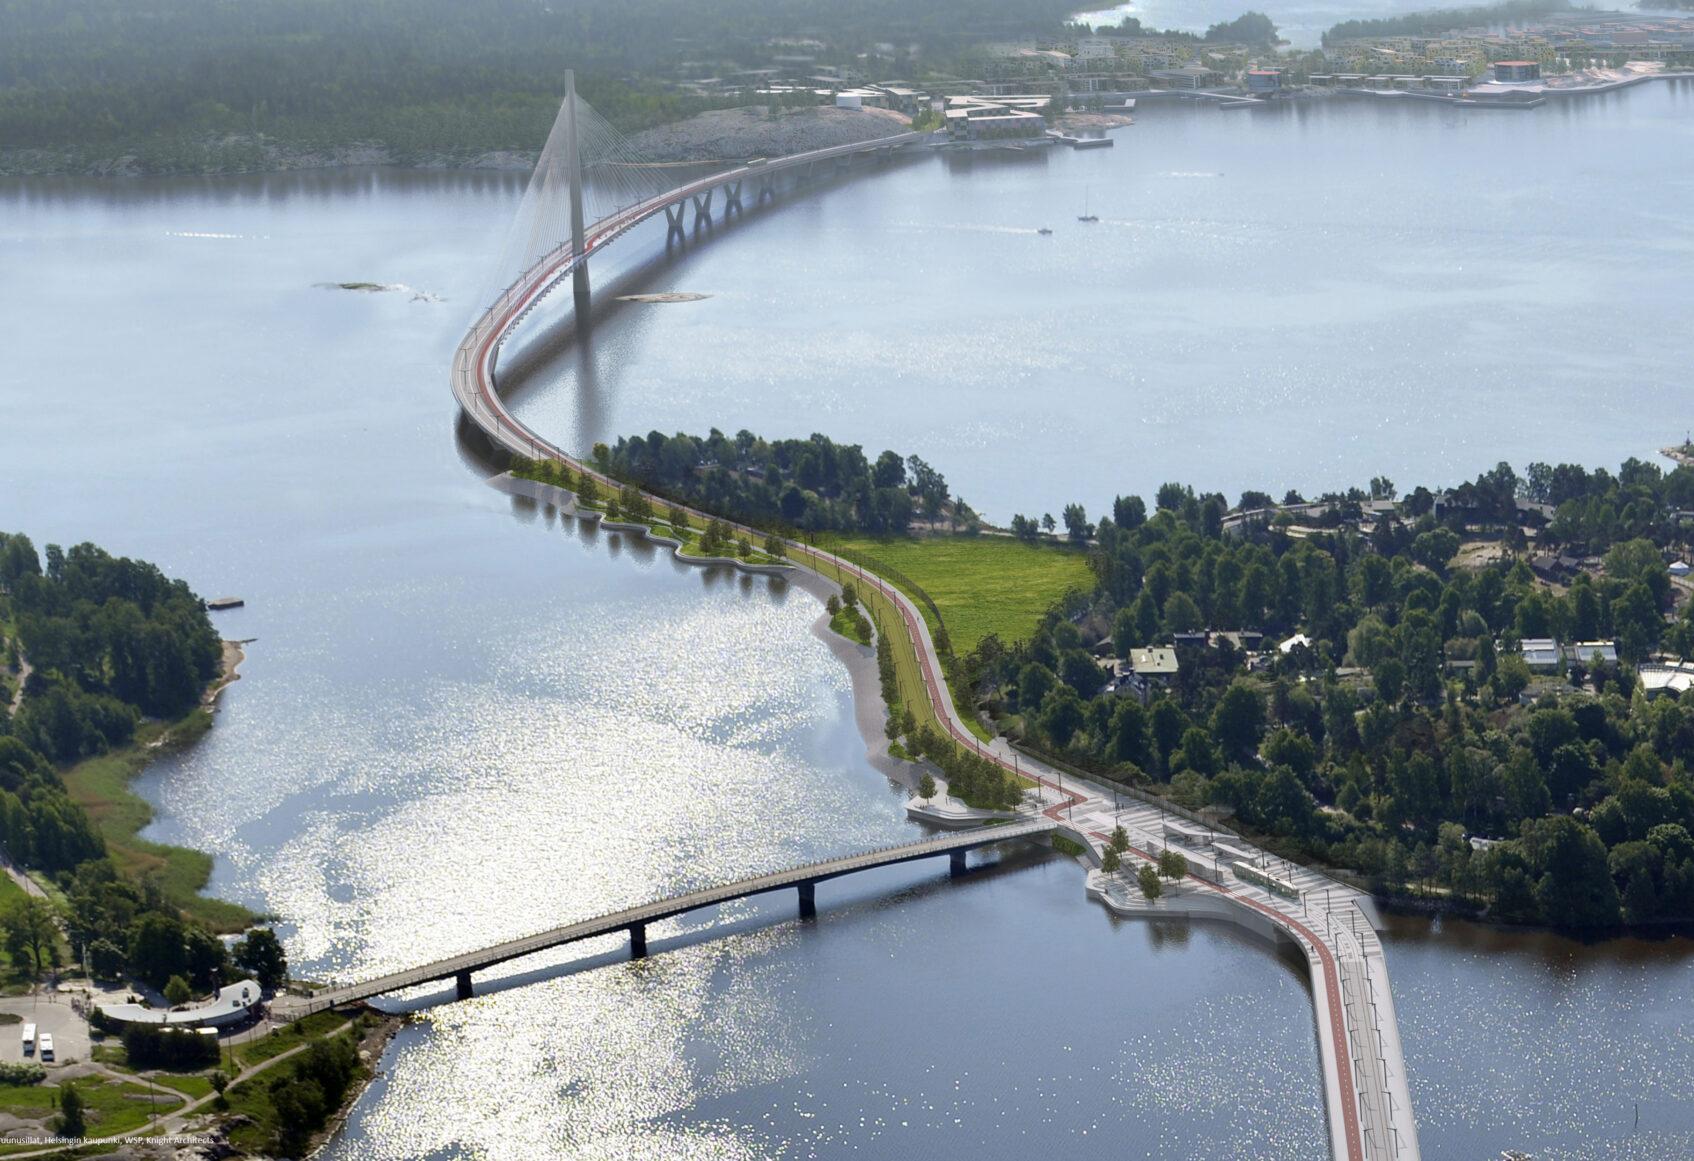 Aerial view of Kruunusilat bridge